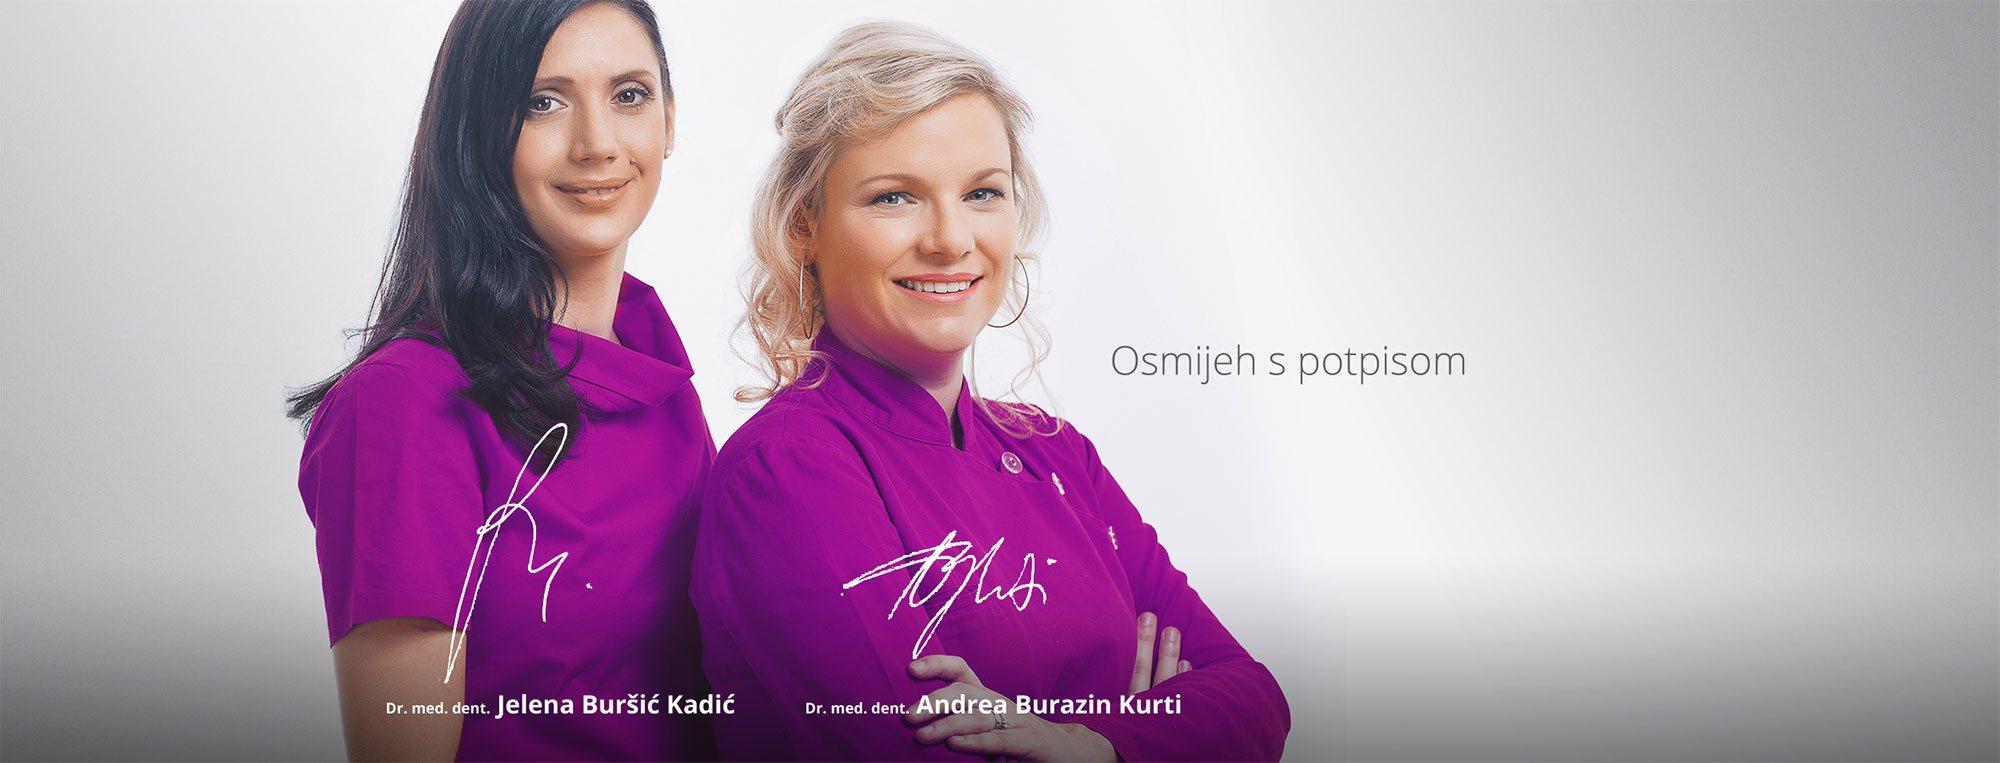 BDent Zagreb - Stomatolog Zagreb, Zubna poliklinika Zagreb, Zubar Zagreb